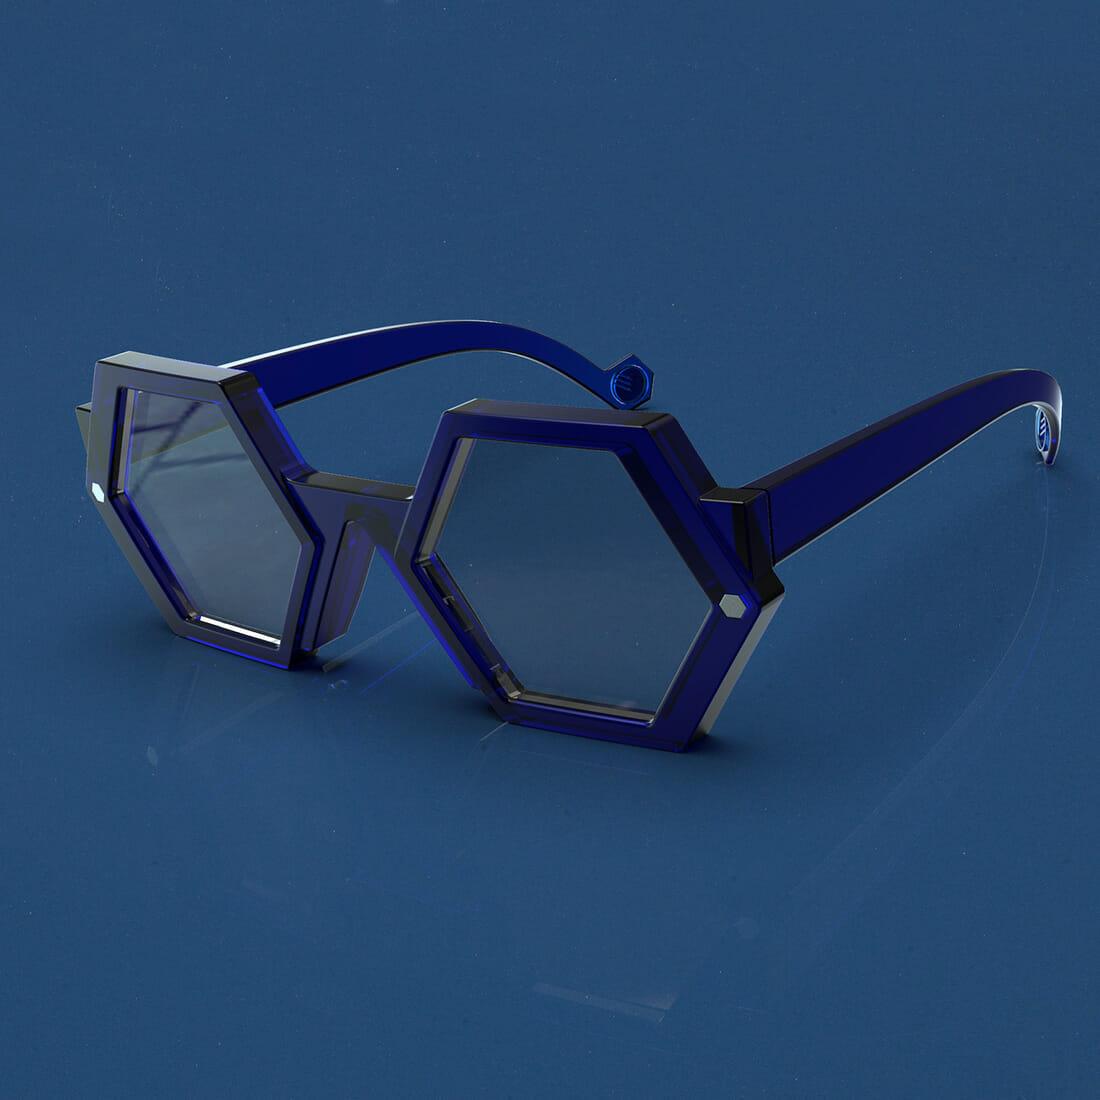 Occhiali ZEROUNDICI EYEWEAR S02r1 Designer Alberto De Siati